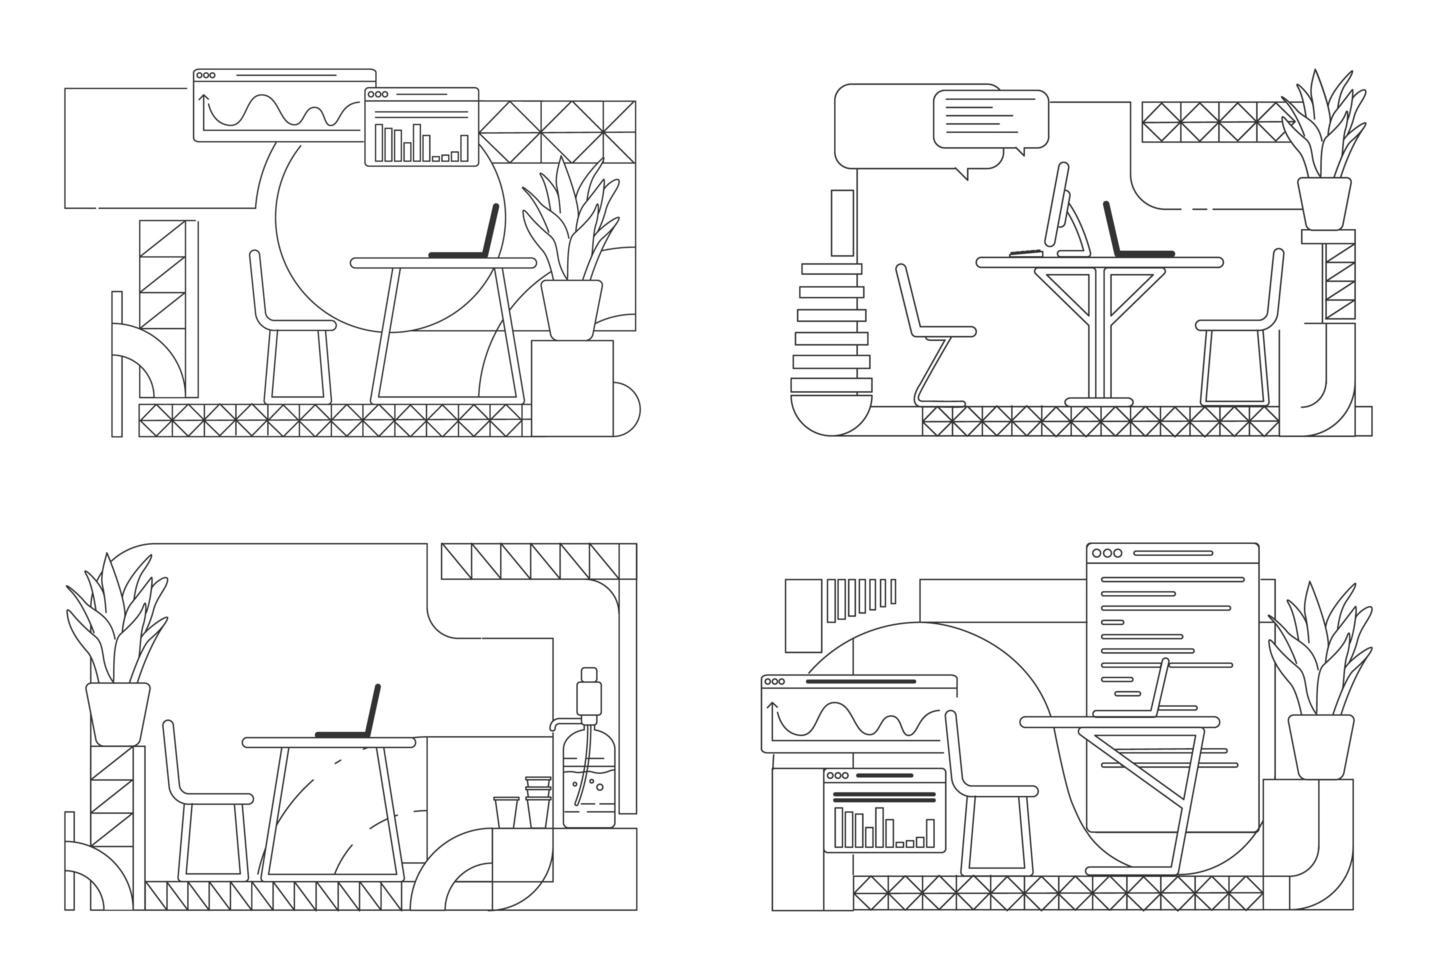 moderne Büro-Innenarchitektur Umriss vektor